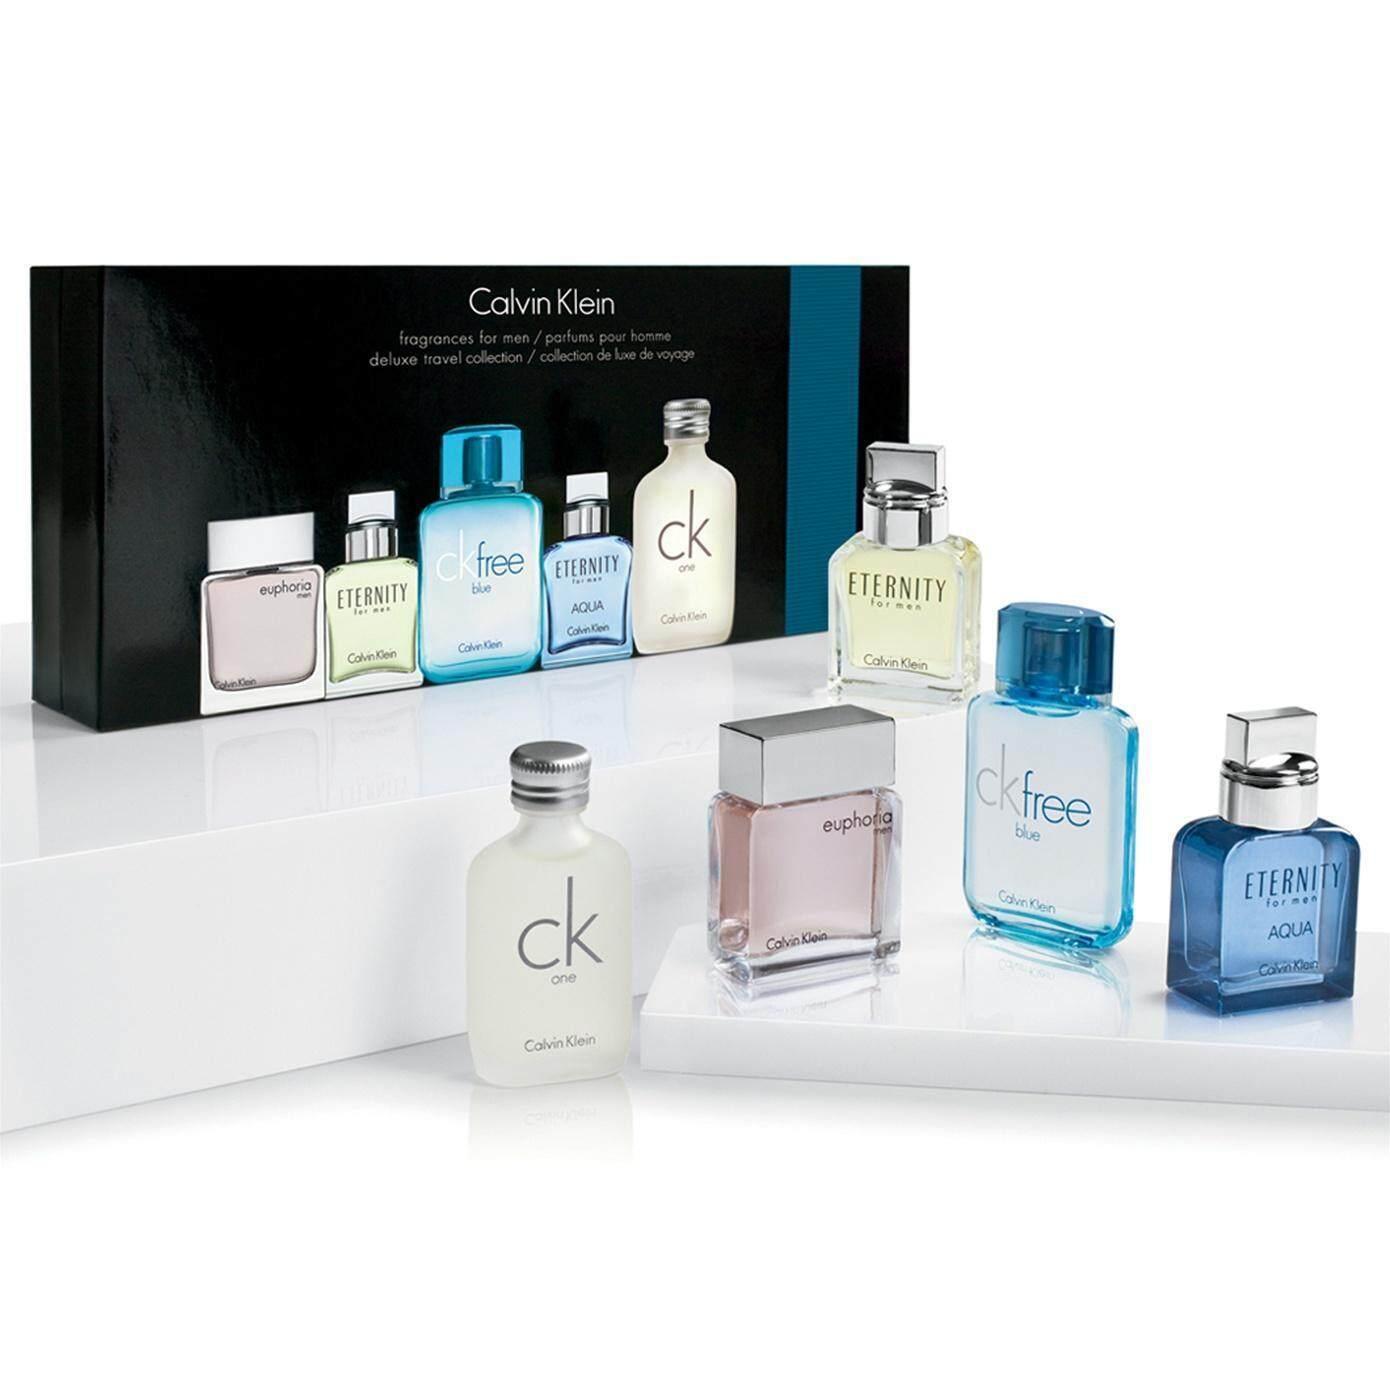 Calvin_Klein Gift set 5 in 1 [Each 10ml]